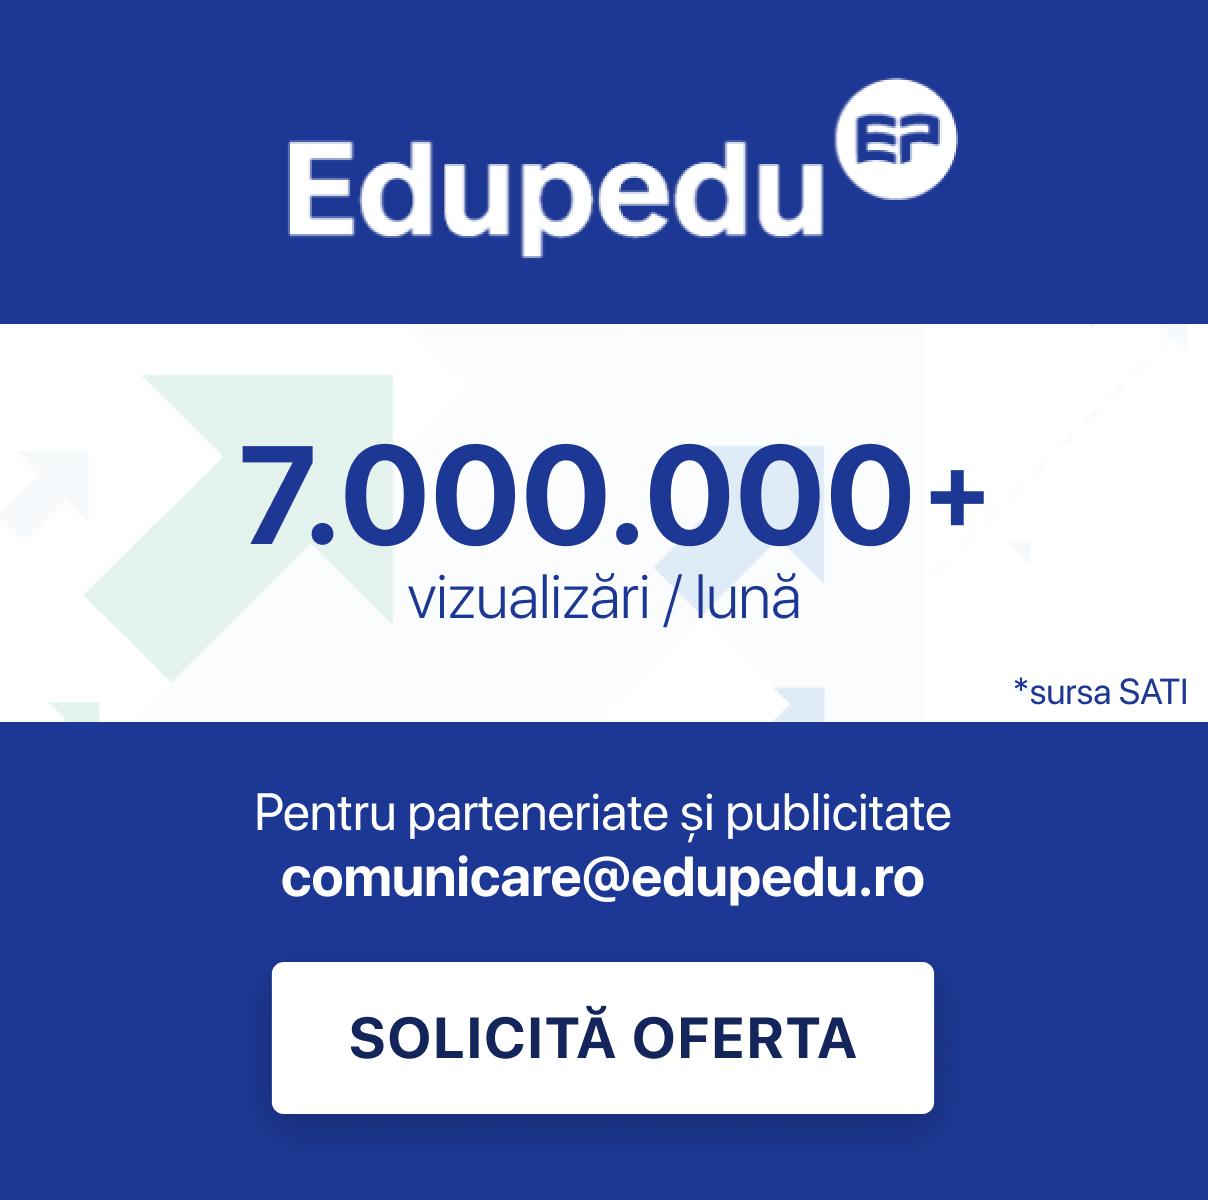 ad-comunicare-edupedu.ro